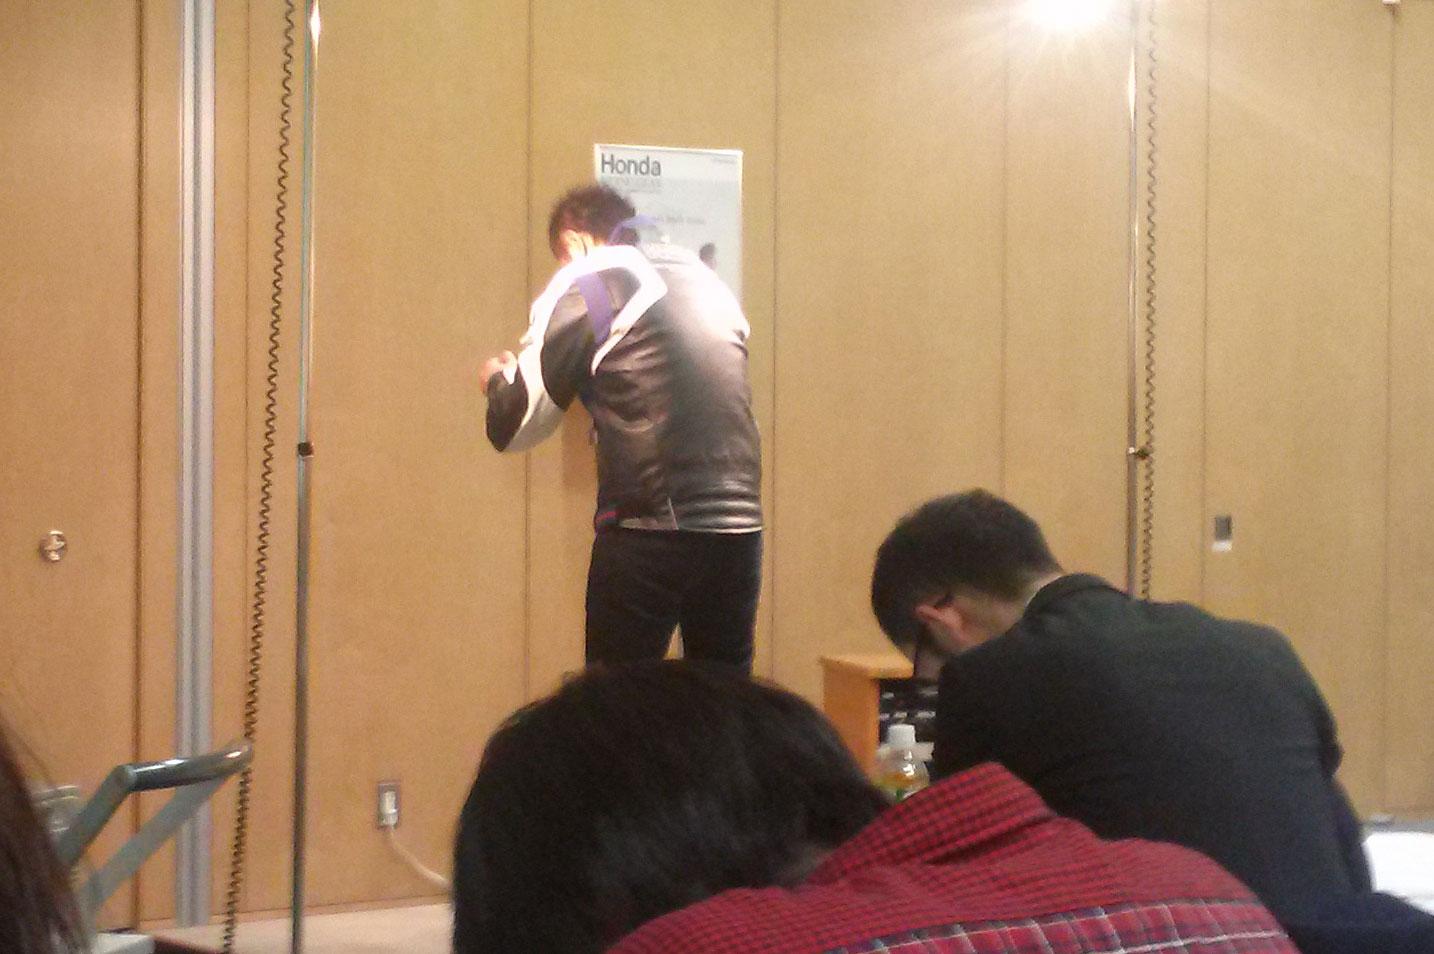 2014秋冬ライディングギア商品説明予約会_e0114857_21564253.jpg